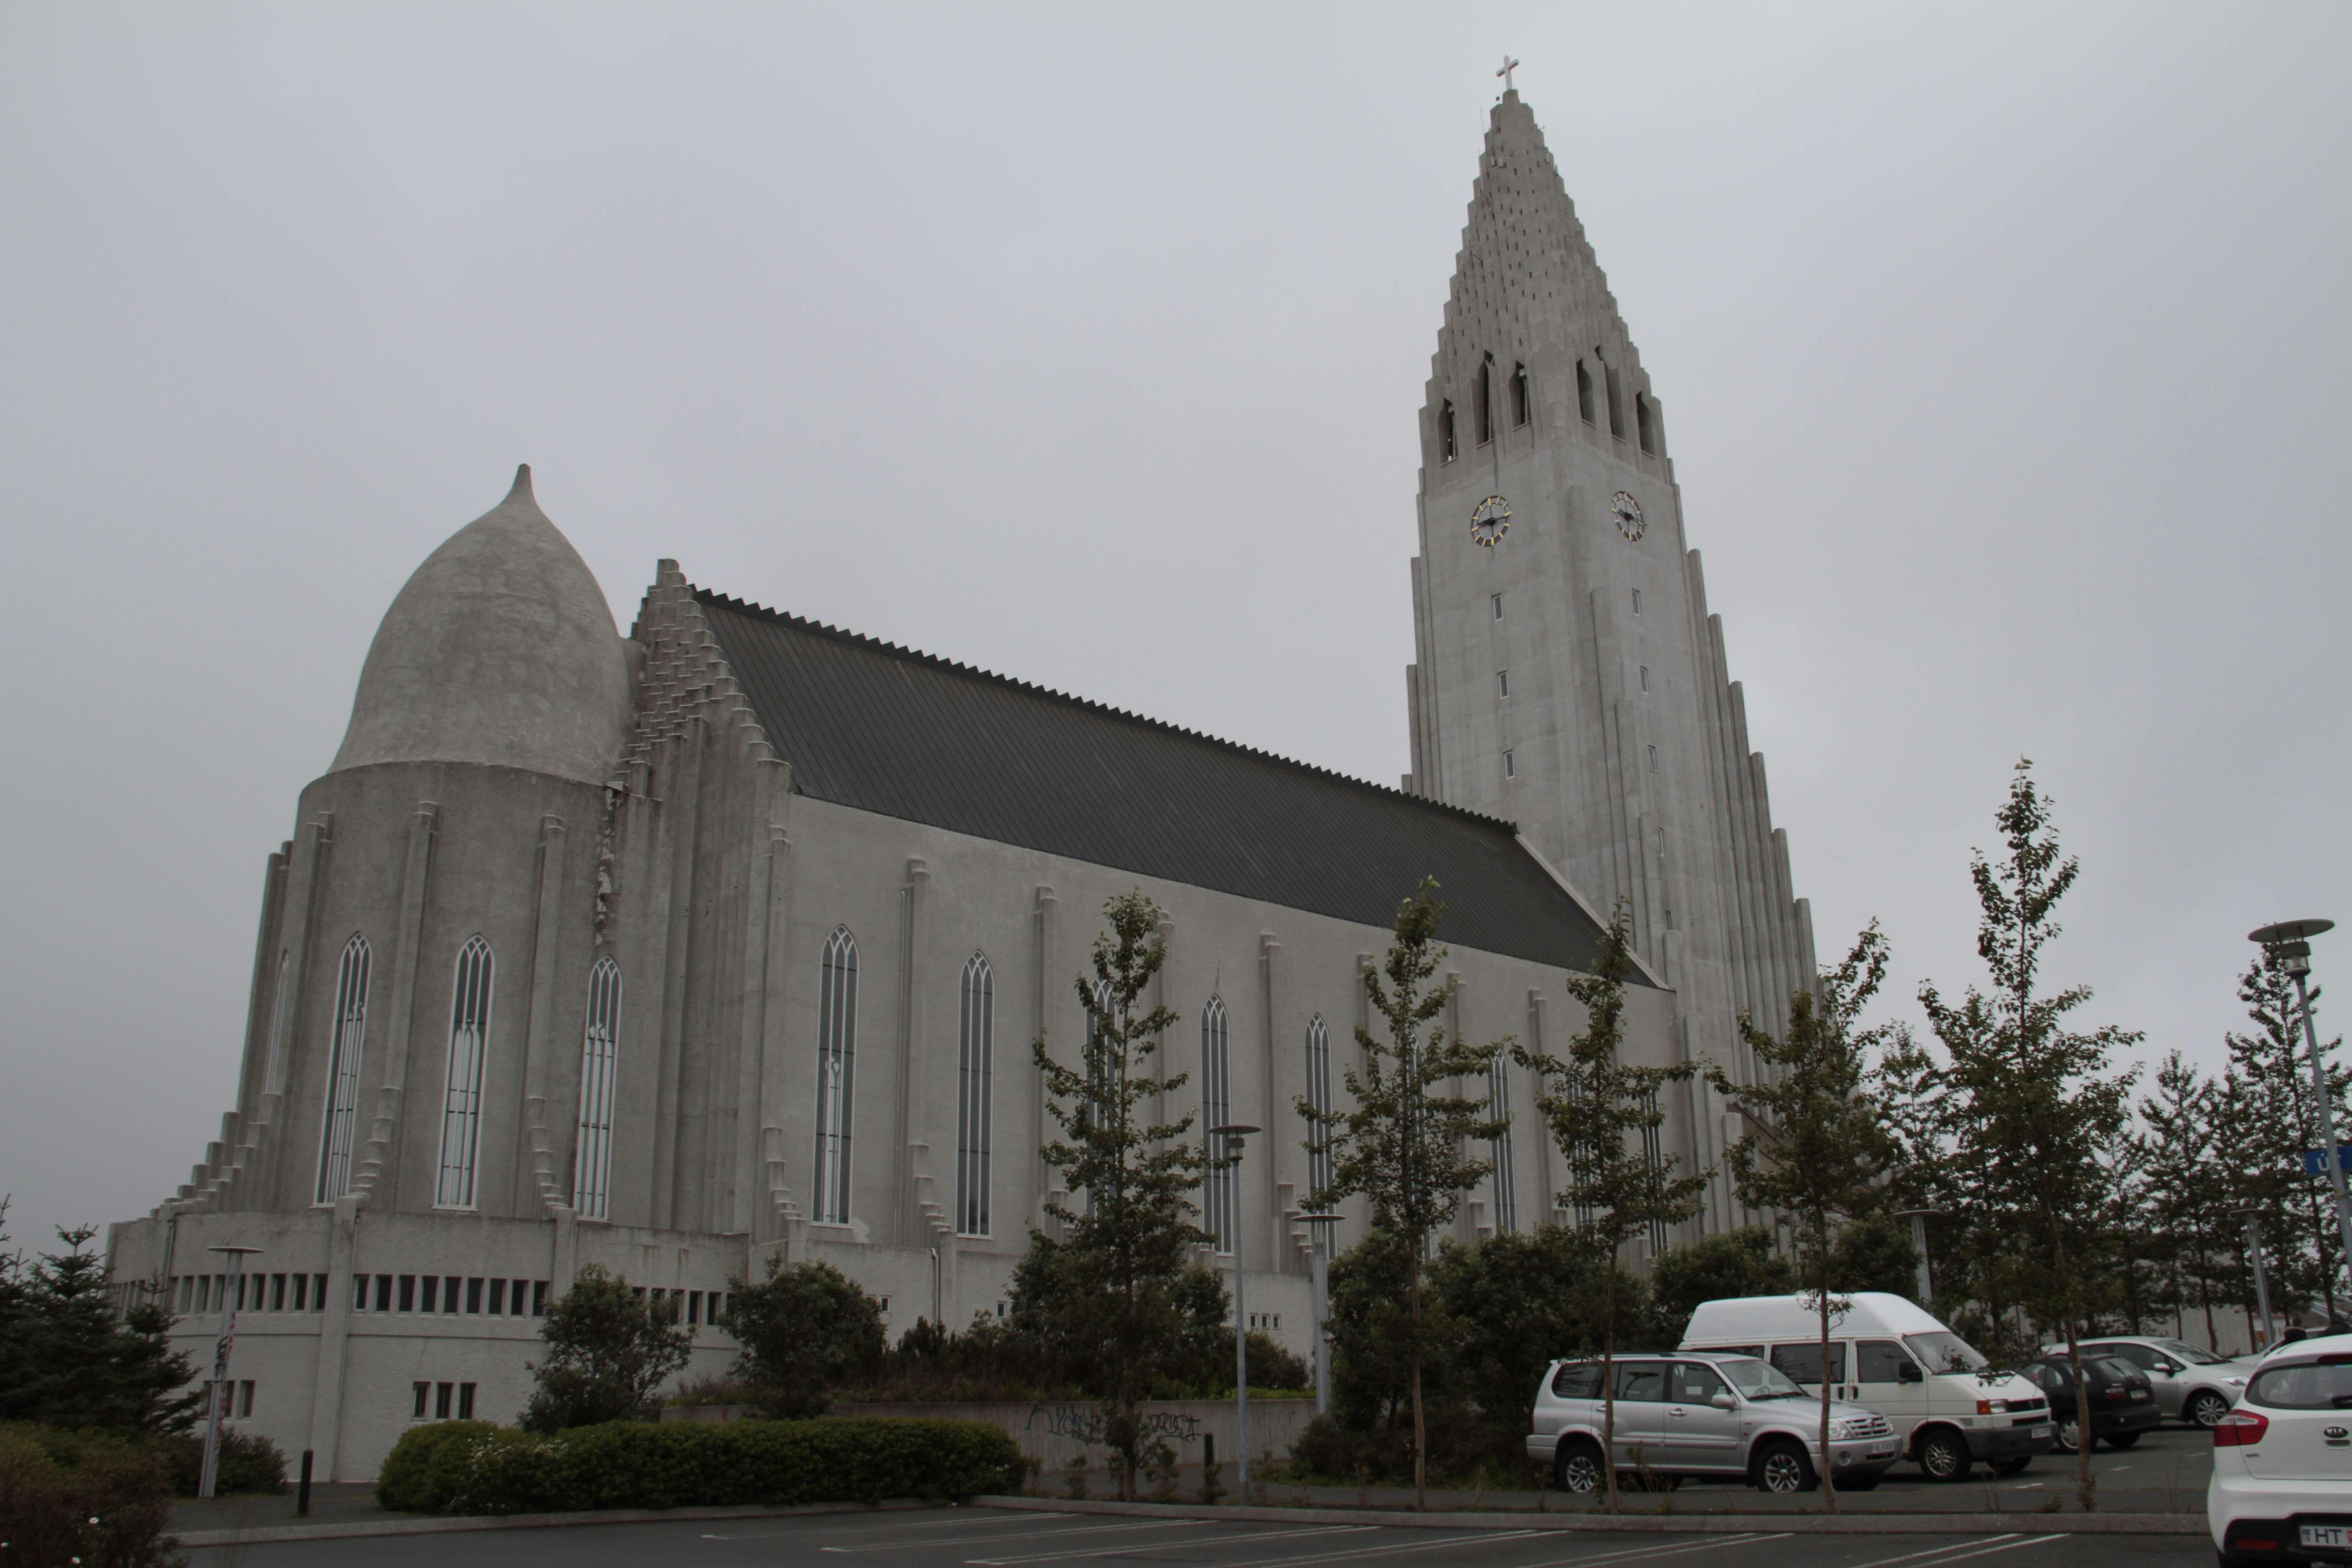 Islande_0093 Reykjavik 10 juillet